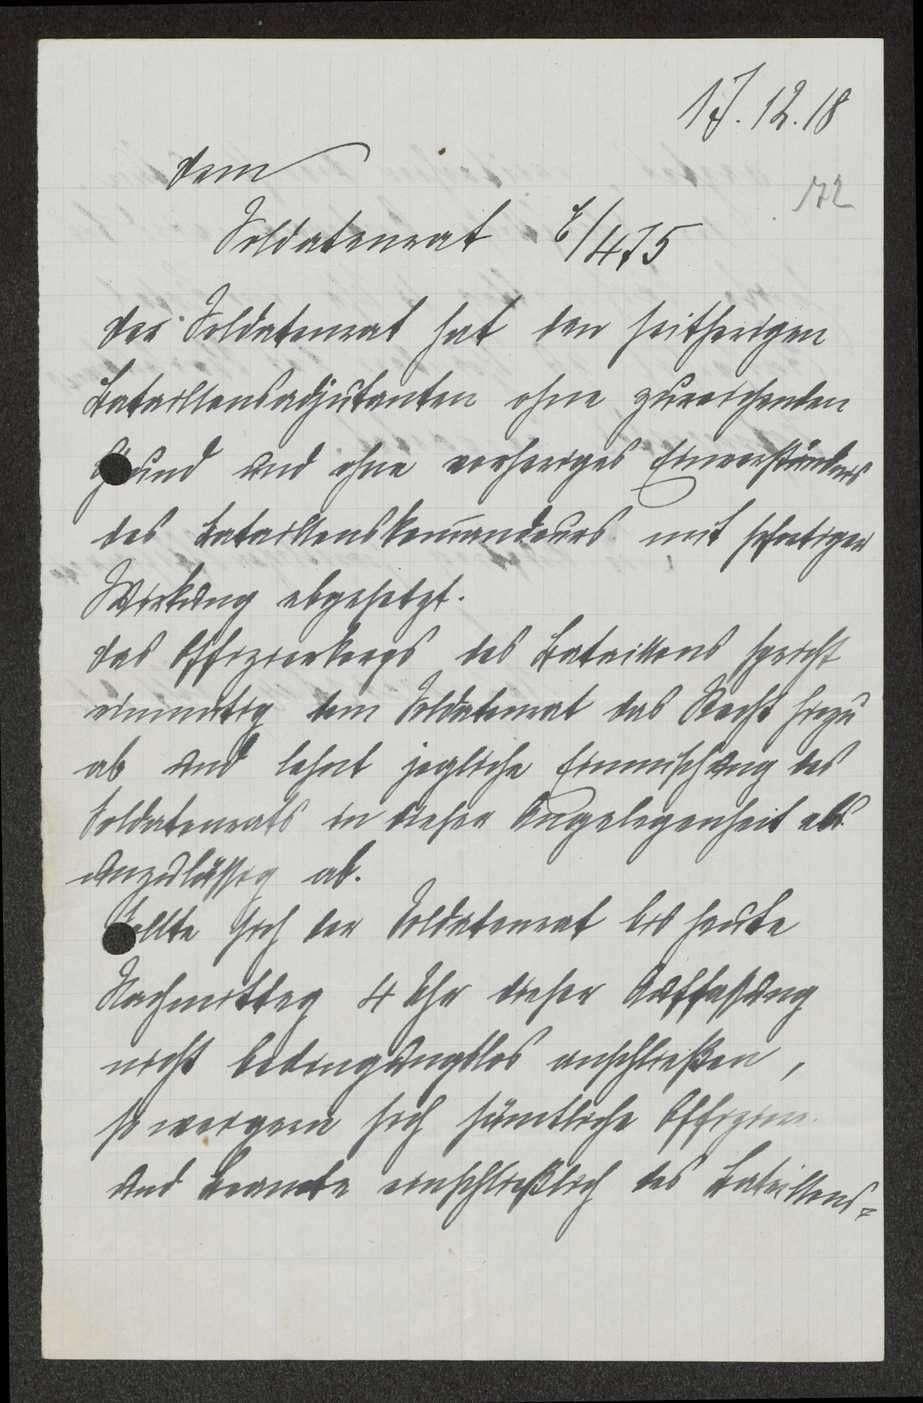 Absetzung, Wahl von Offizieren, Niederlegung, Wiederaufnahme des Dienstes durch Offiziere, Bild 2